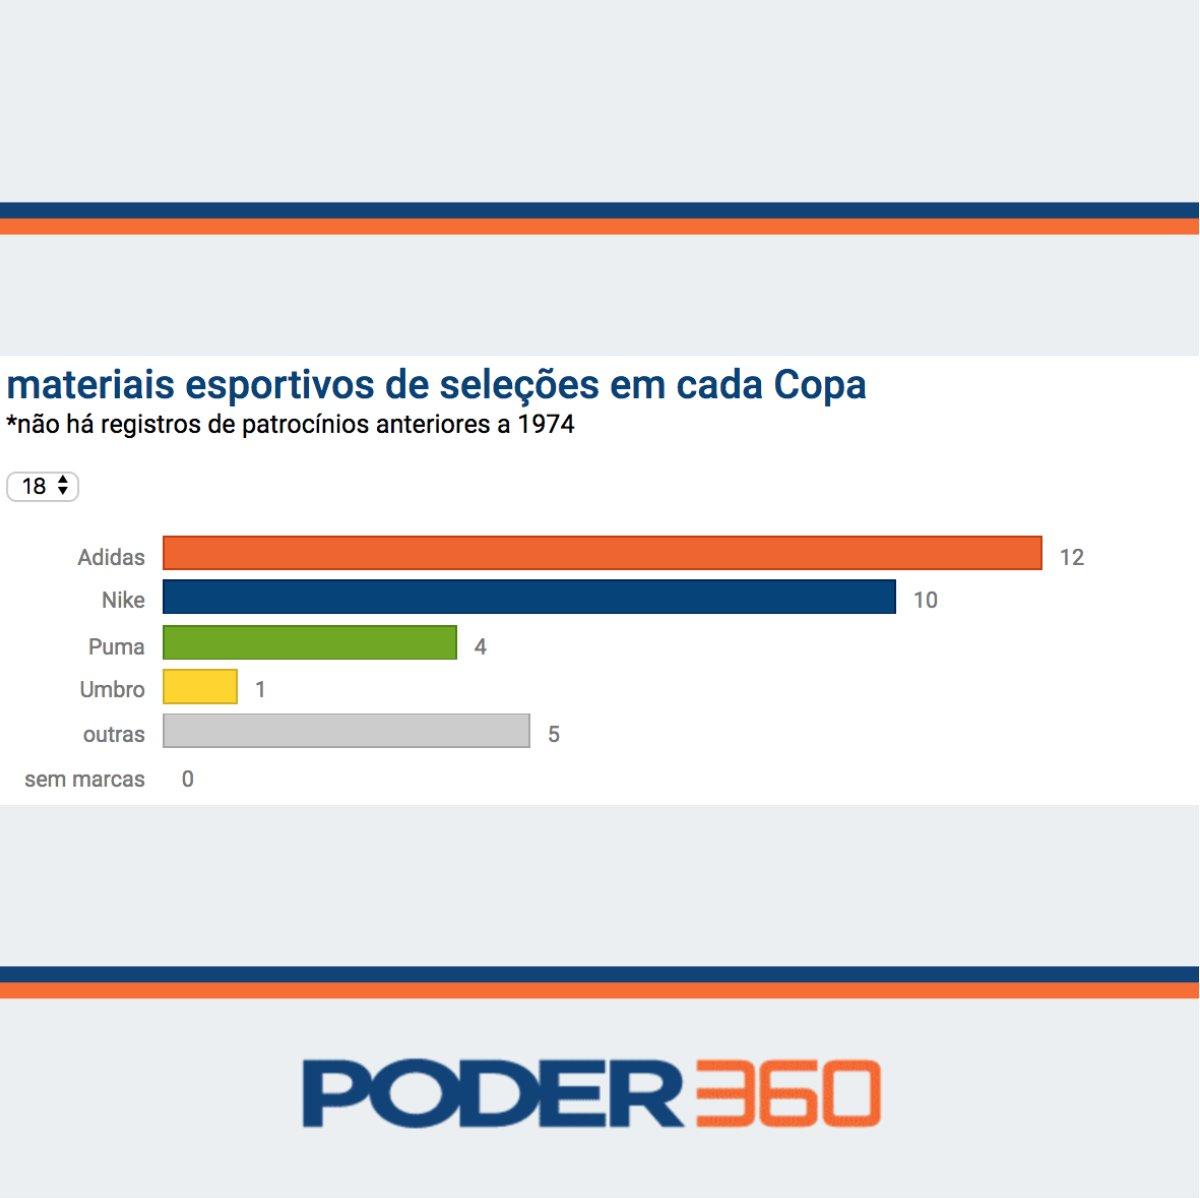 Leia a matéria completa  https   www.poder360.com.br economia pela-10a-vez -nas-ultimas-12-copas-adidas-e-marca-que-mais-patrocina-selecoes  ... 060c51f6dd13d